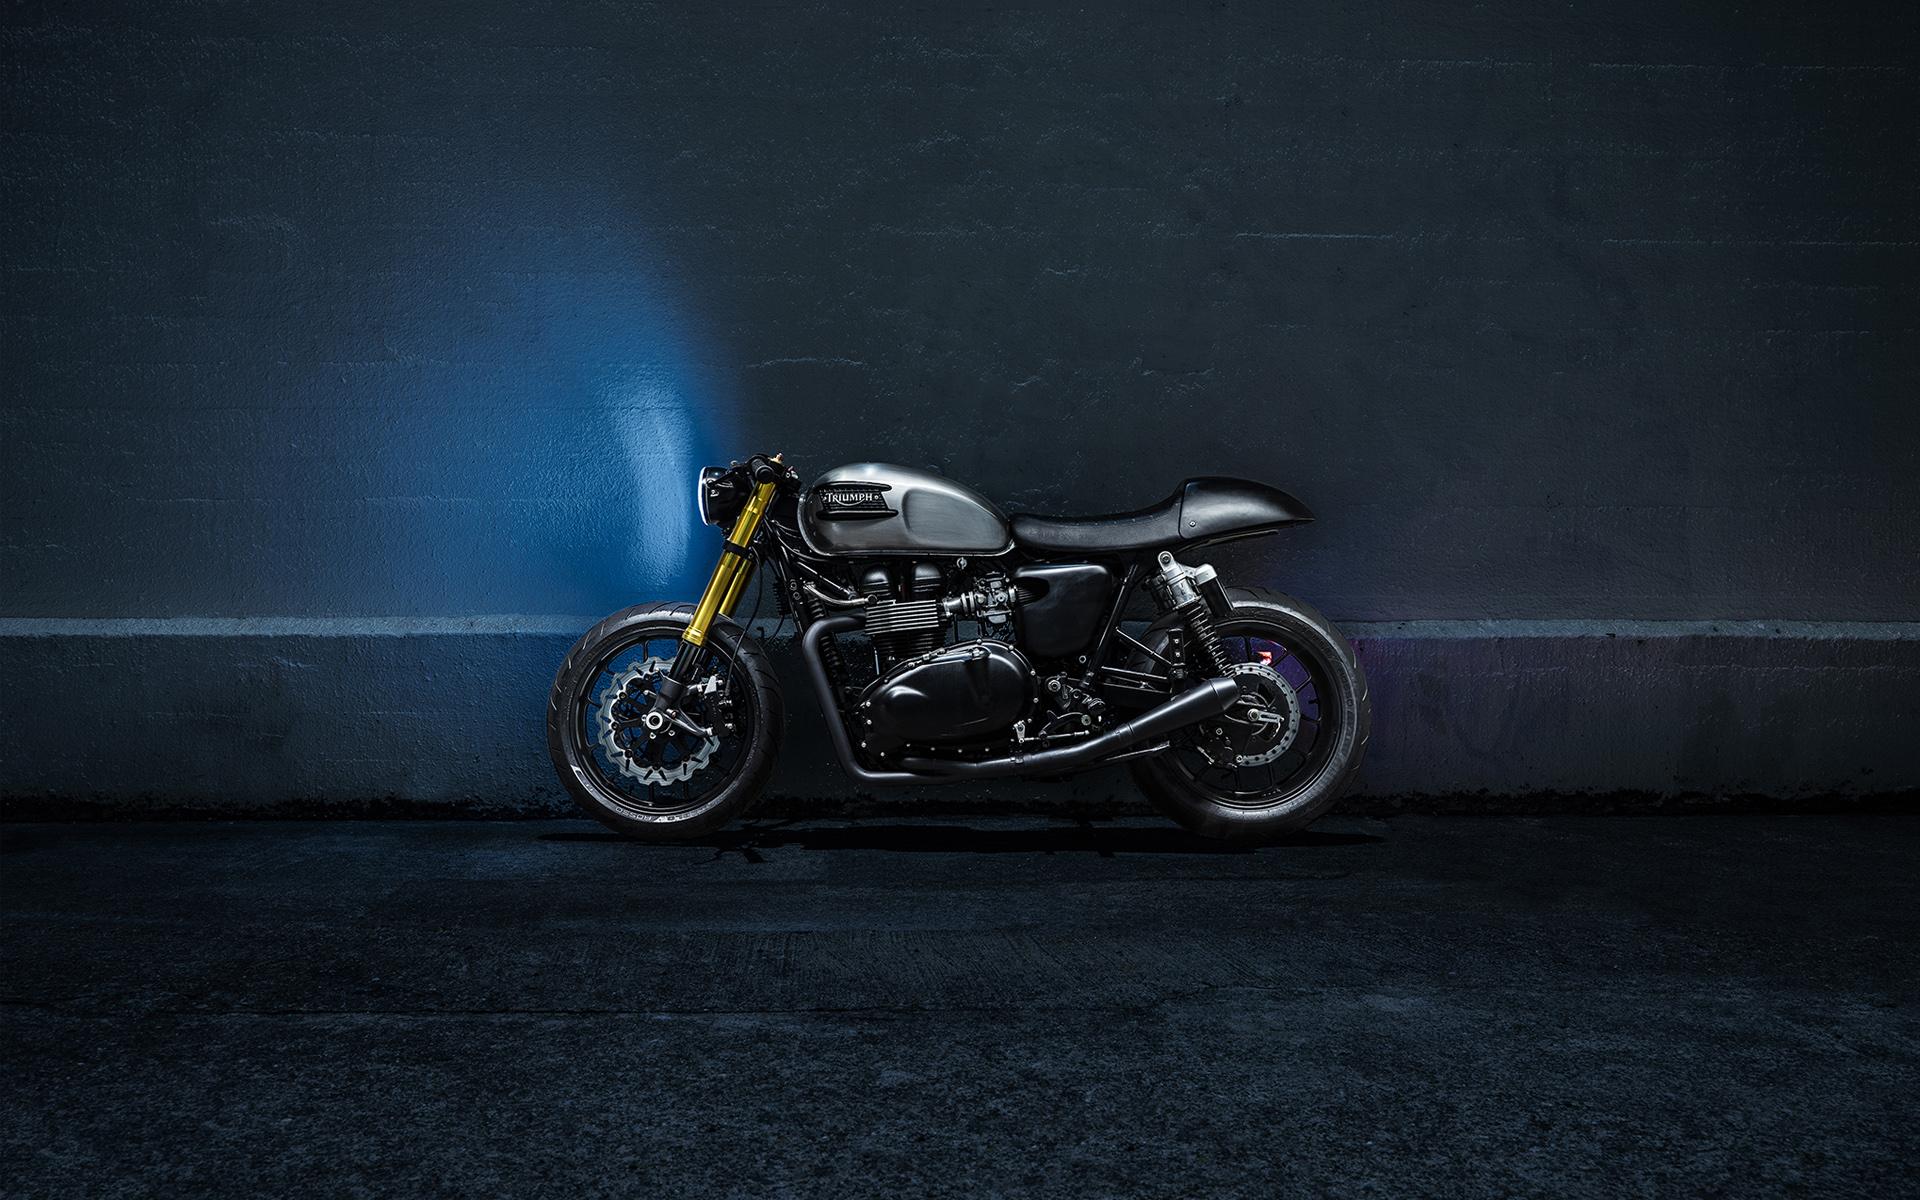 triumph bike desktop wallpaper 49585